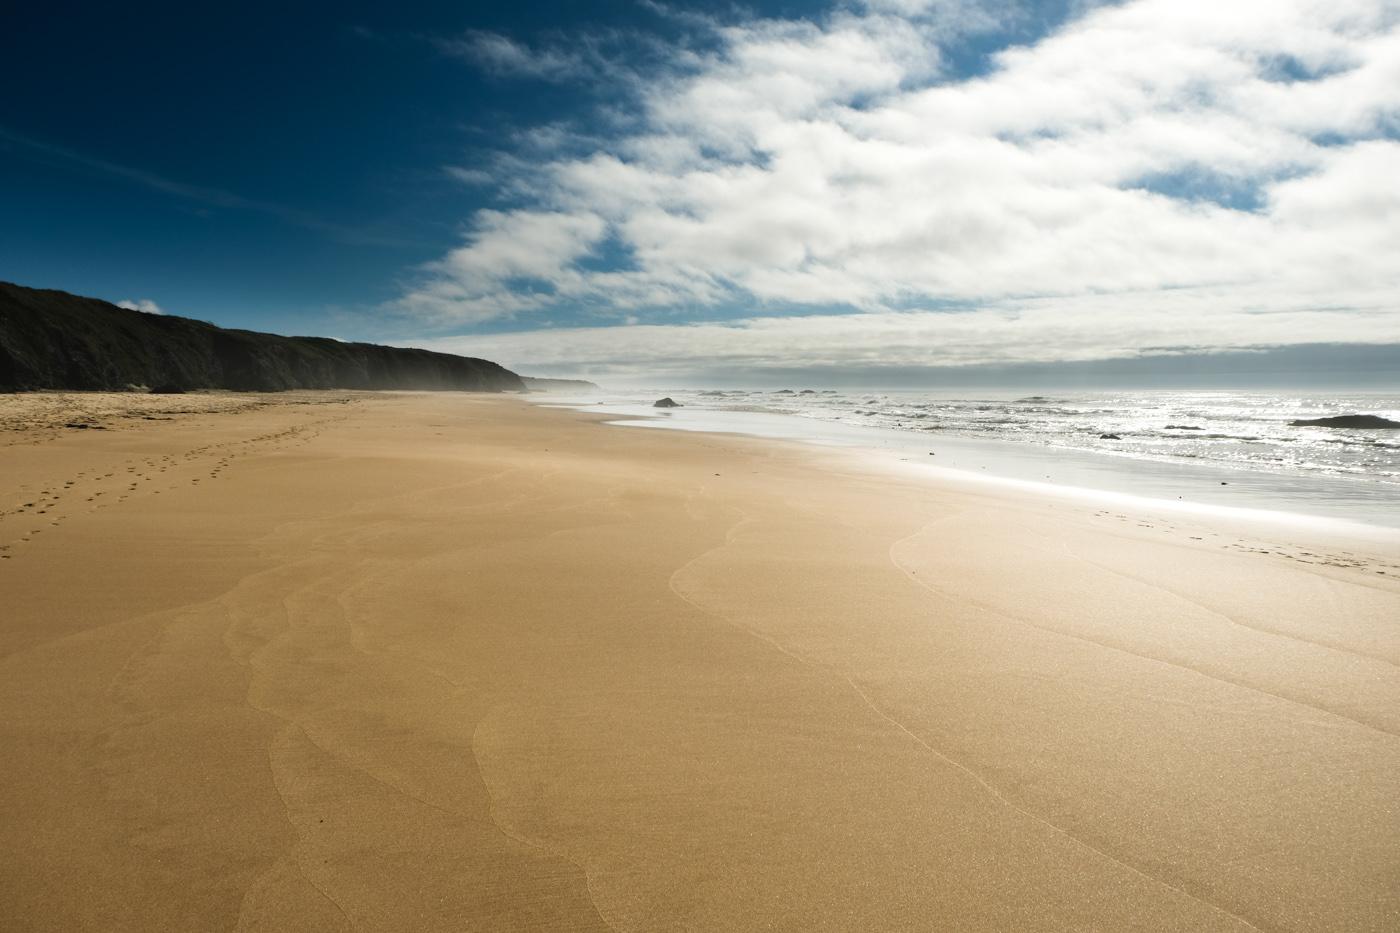 Rota Vicentina cammino a piedi Portogallo sentiero dei pescatori spiaggia